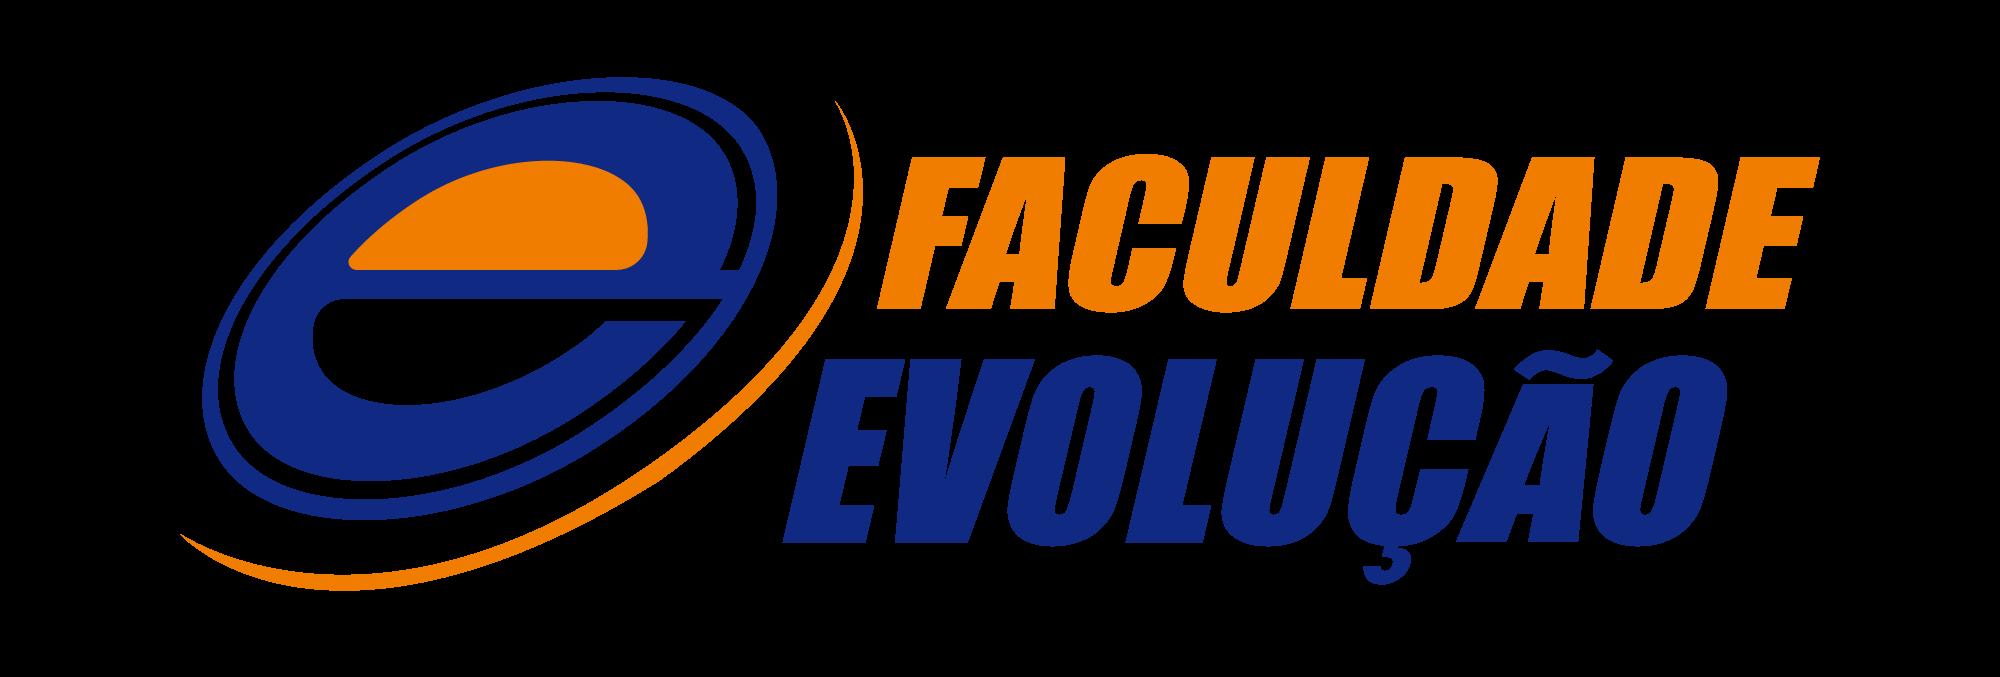 faculdade-evolução